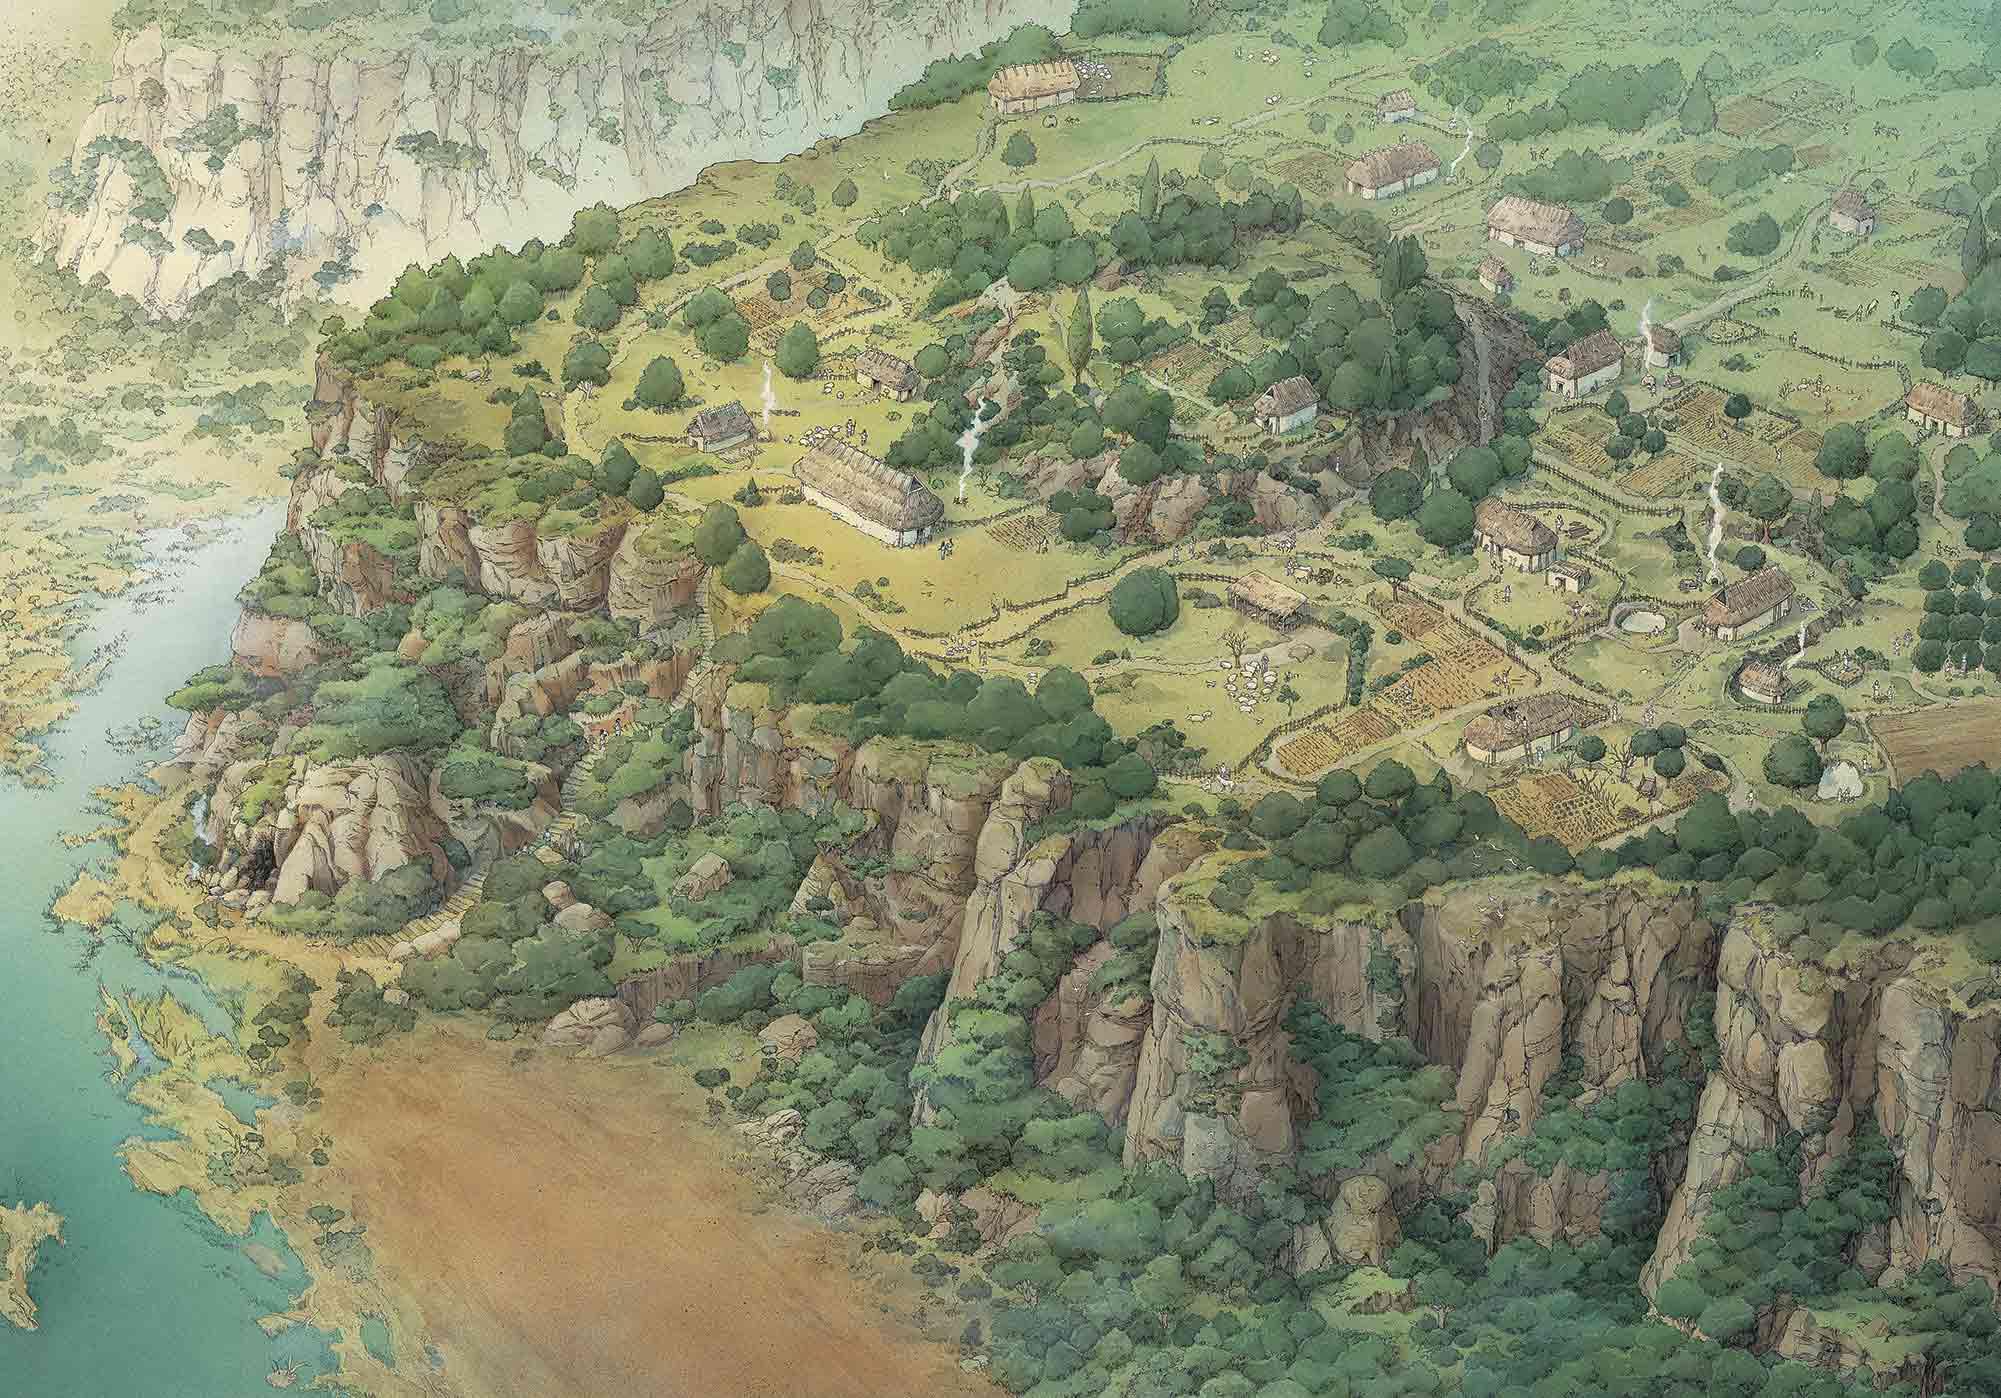 Insediamento-sul-Palatino-Versante-meridionale-inklink-musei-simone-boni